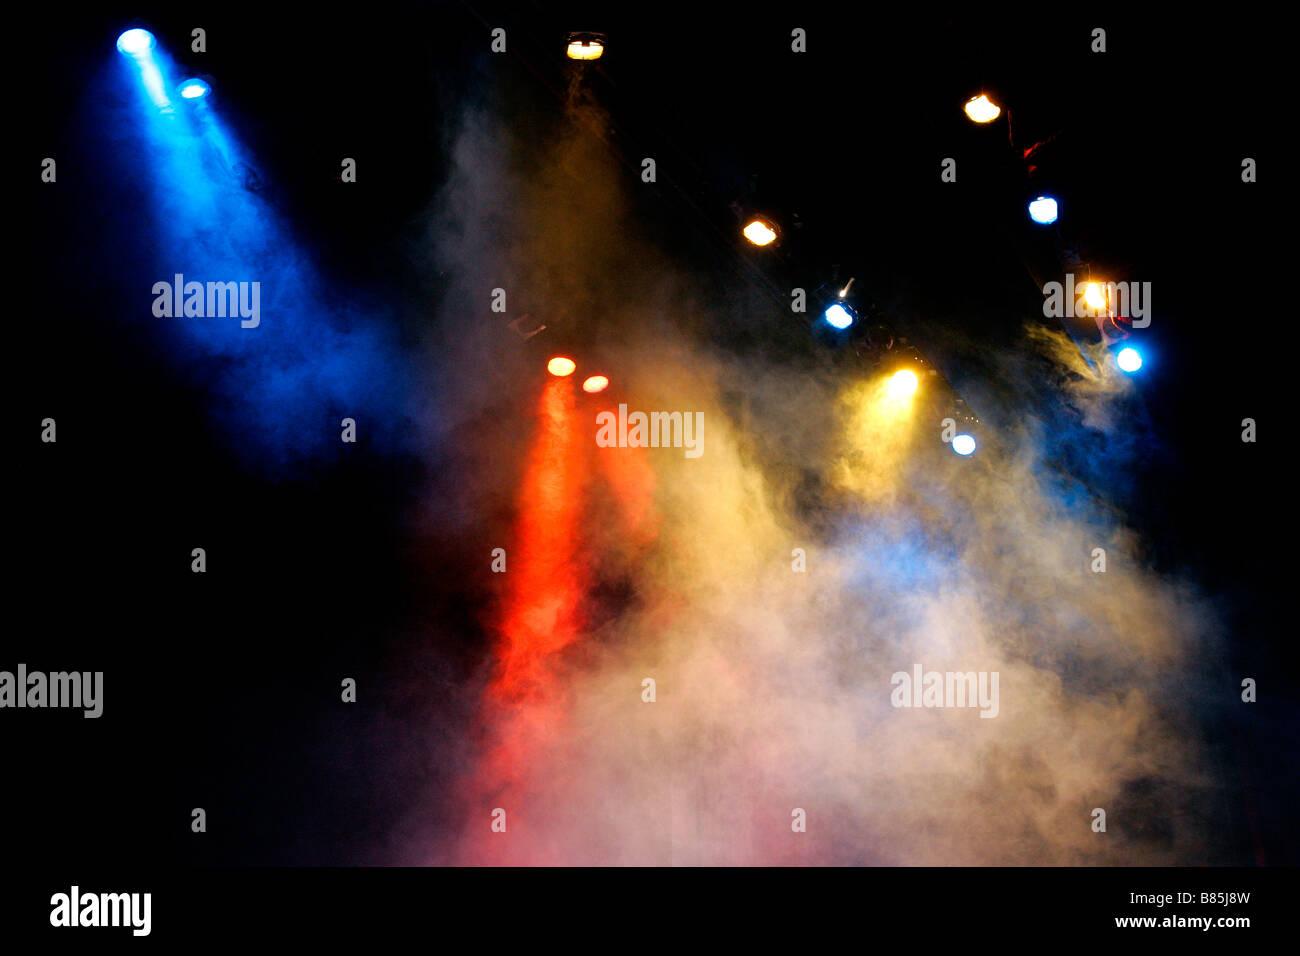 Strahl Strahl Strahlen Stufe eingestellte Szene Landschaft Suchscheinwerfer Scheinwerfer multicolor unterhaltsam Stockbild